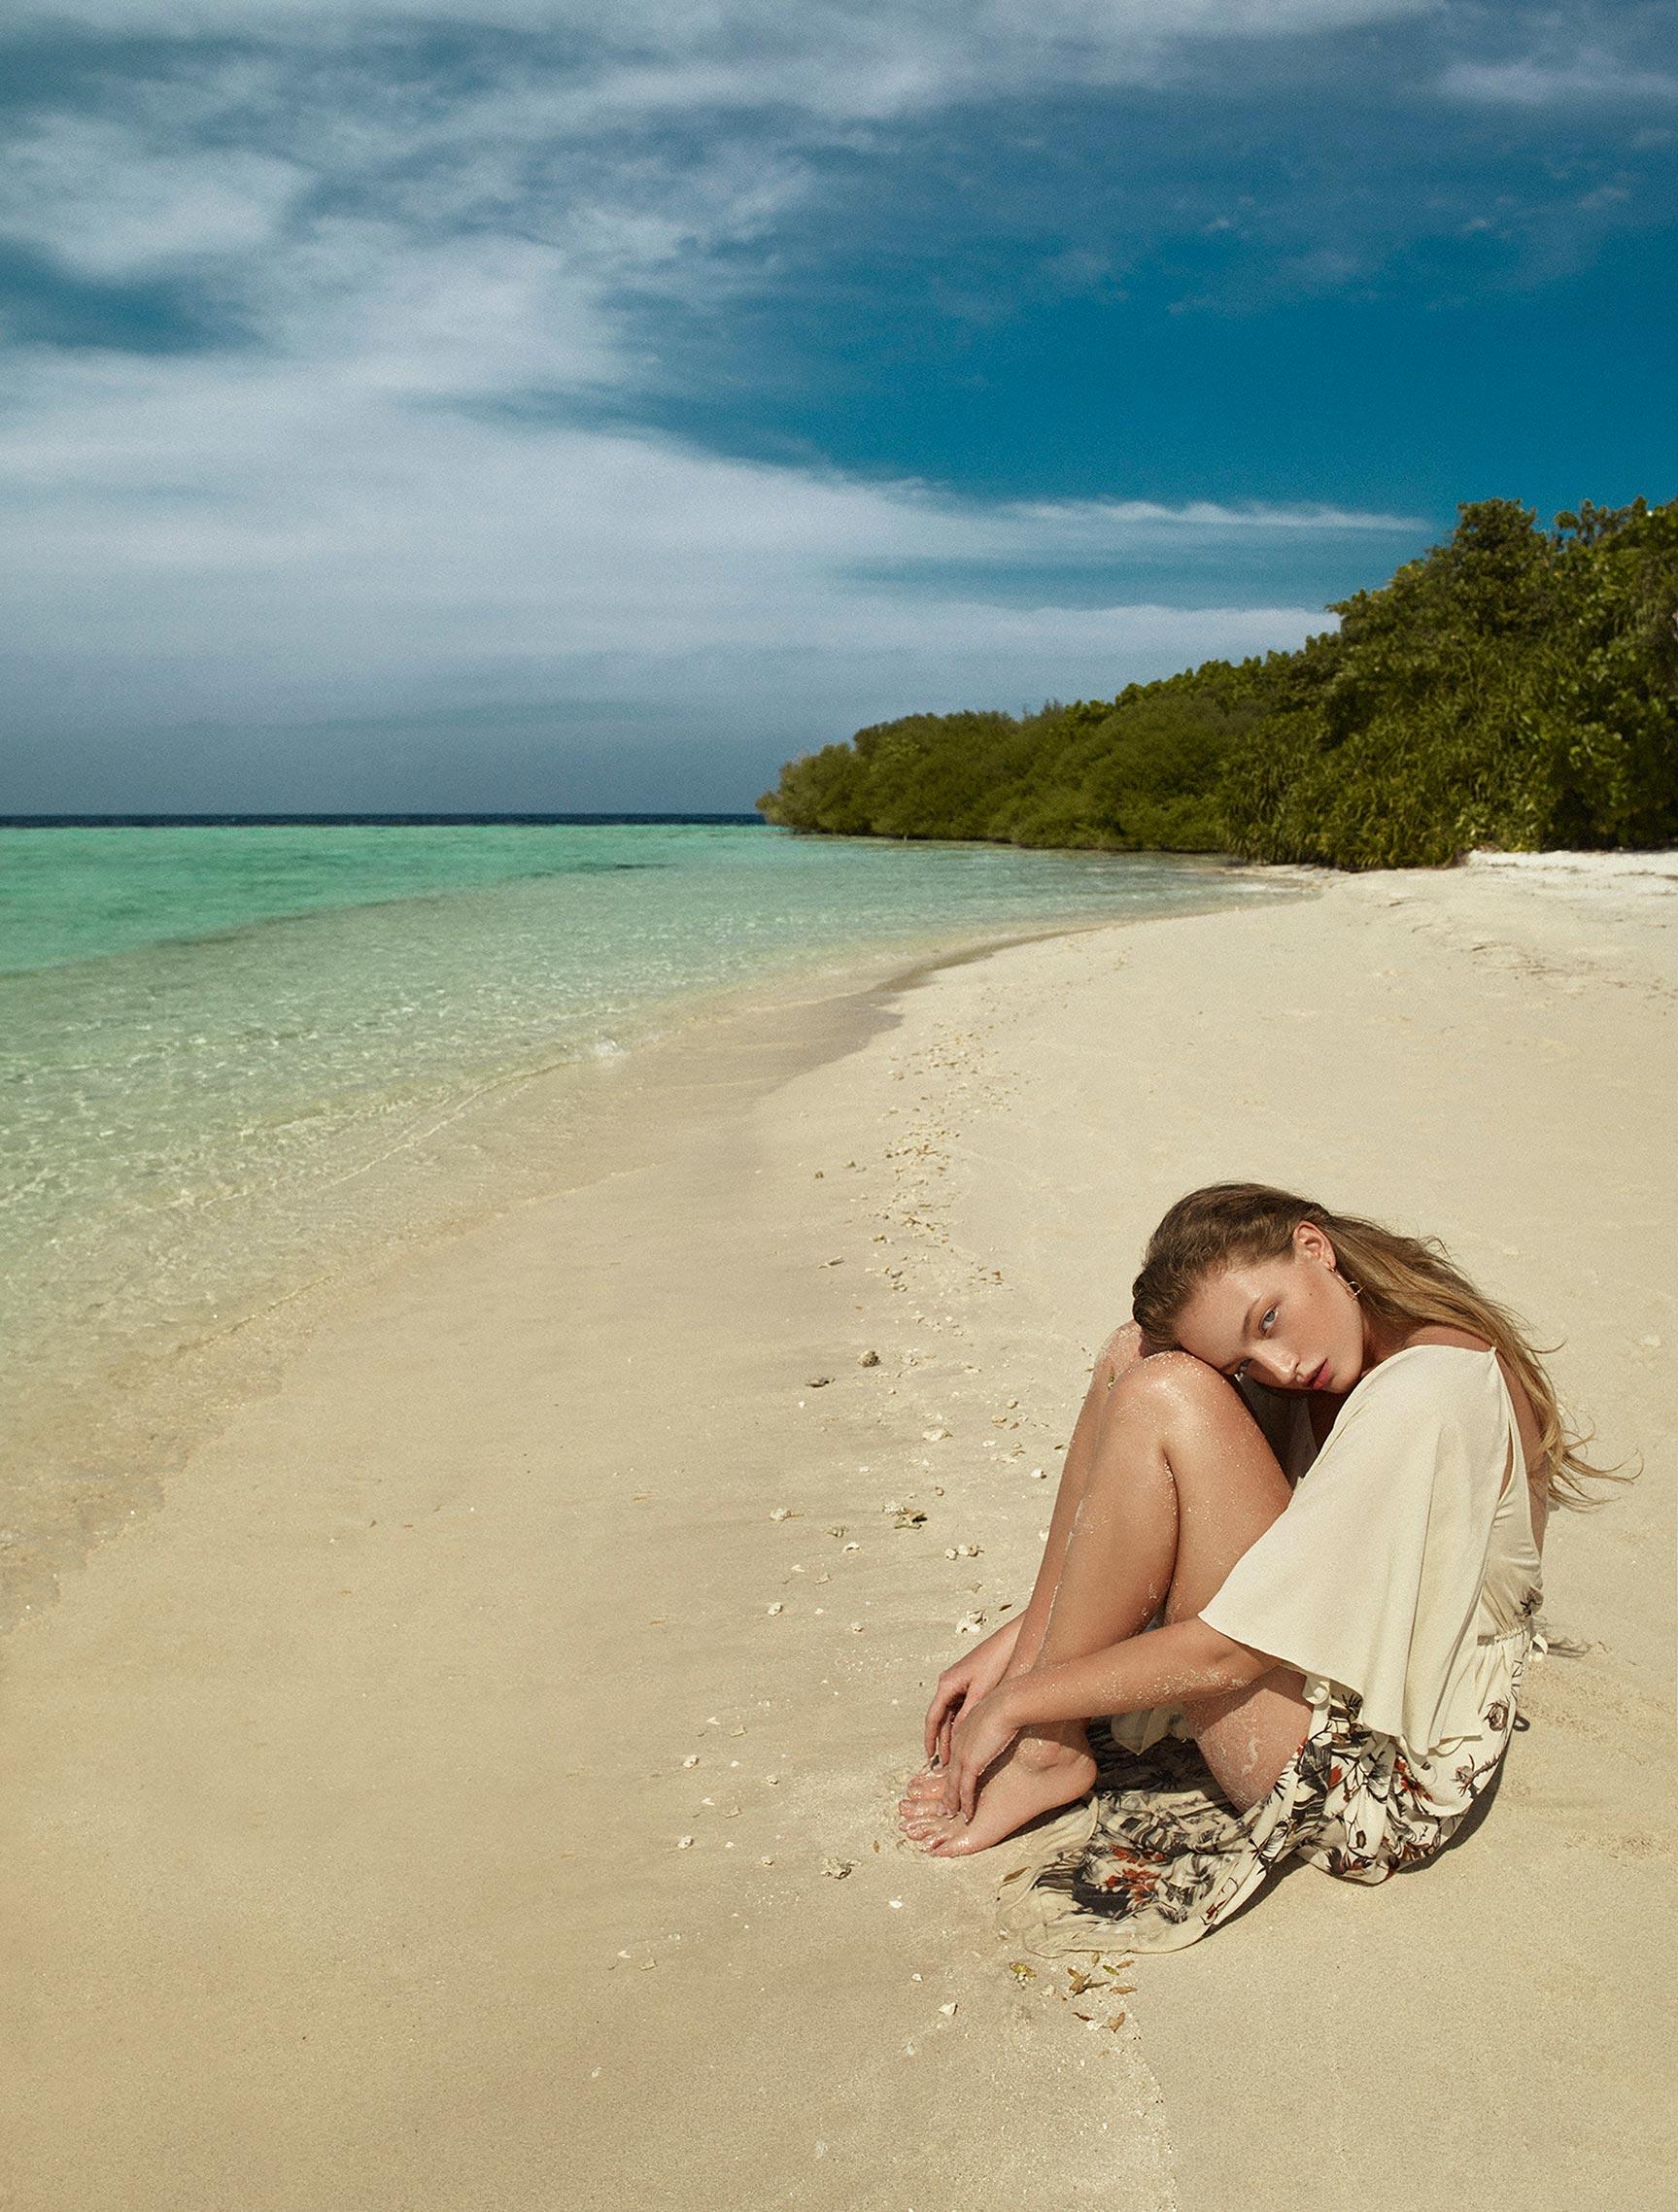 Одинокая отдыхающая на пустынном пляже / фото 11